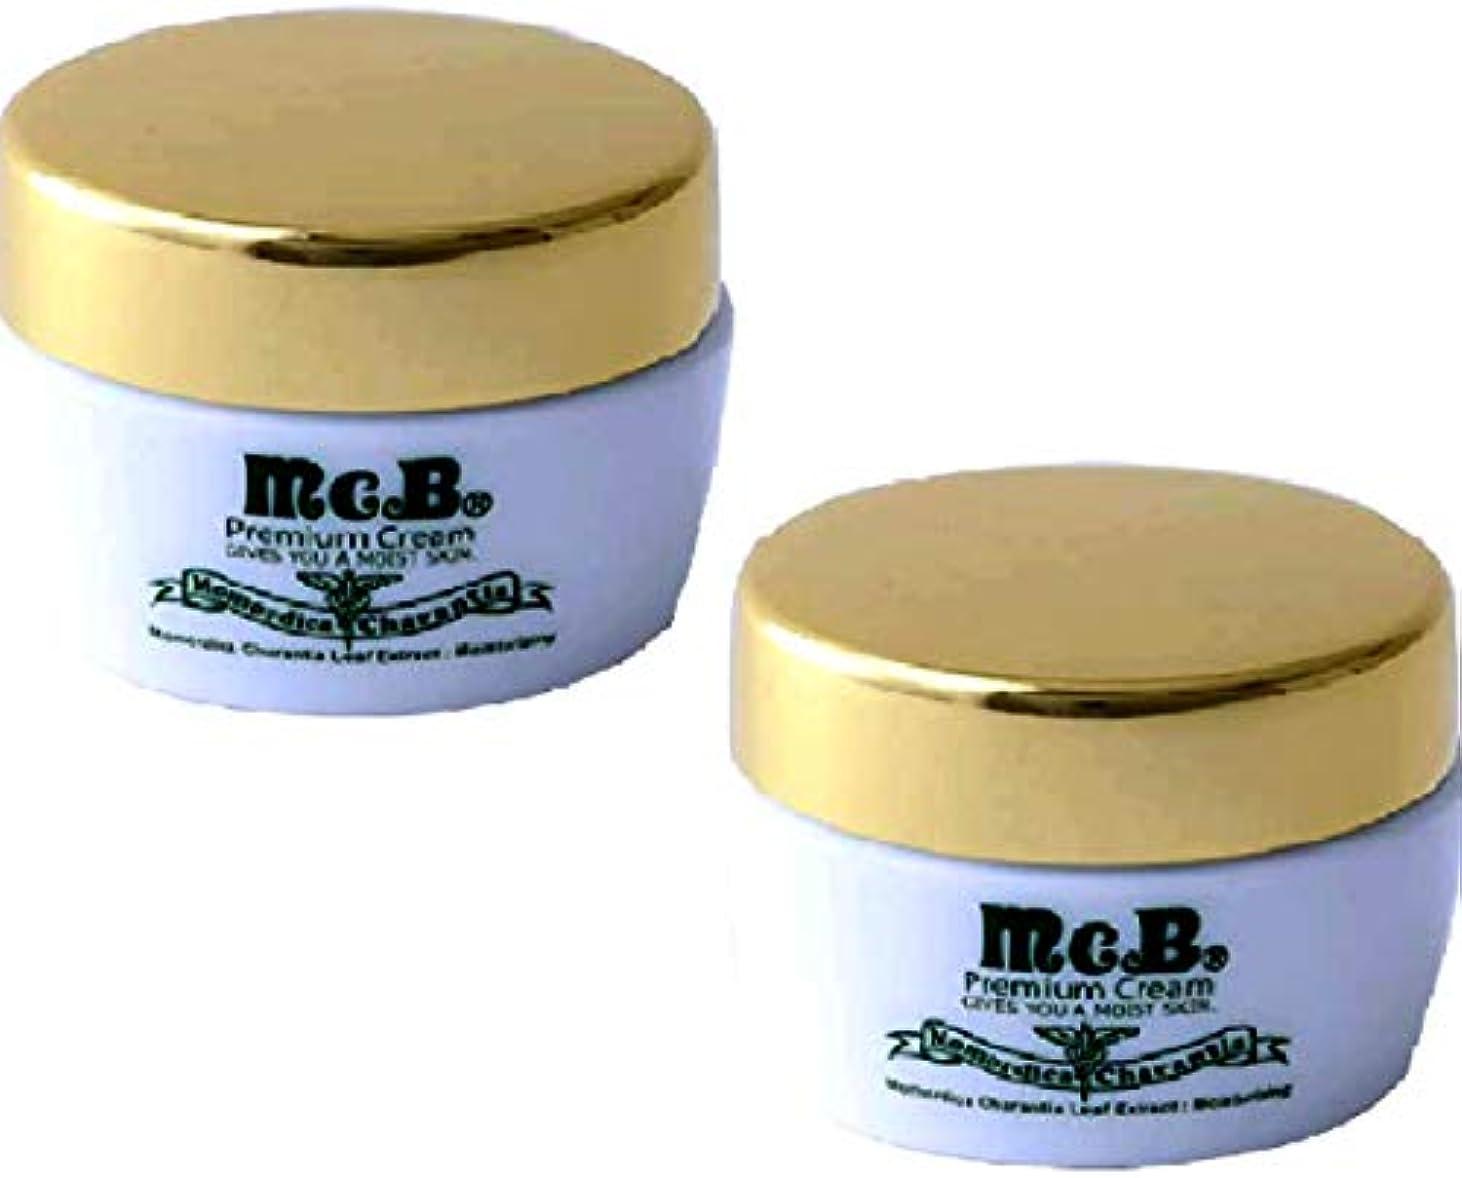 愛アイスクリーム魂McB マックビー プレミアム クリーム Premium Cream 2個 セット 正規代理店